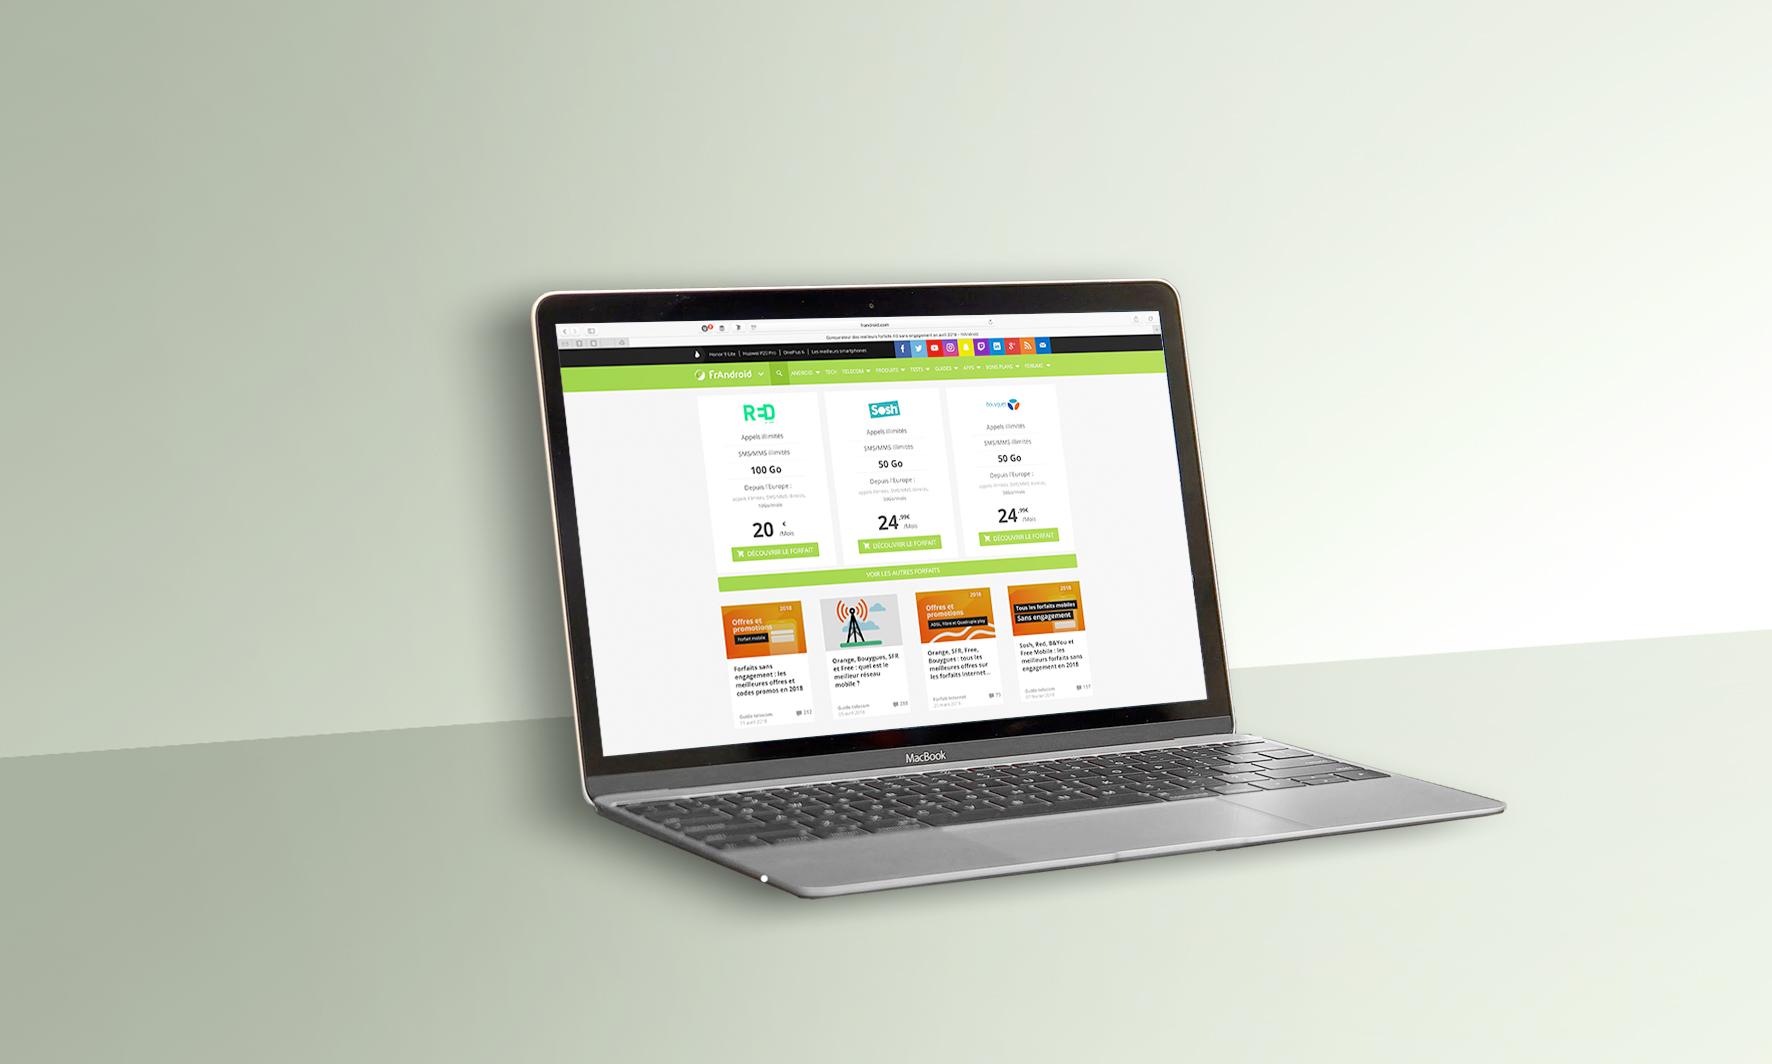 Comparateur de forfaits mobiles : nouveau sur FrAndroid, trouvez facilement votre prochaine offre mobile